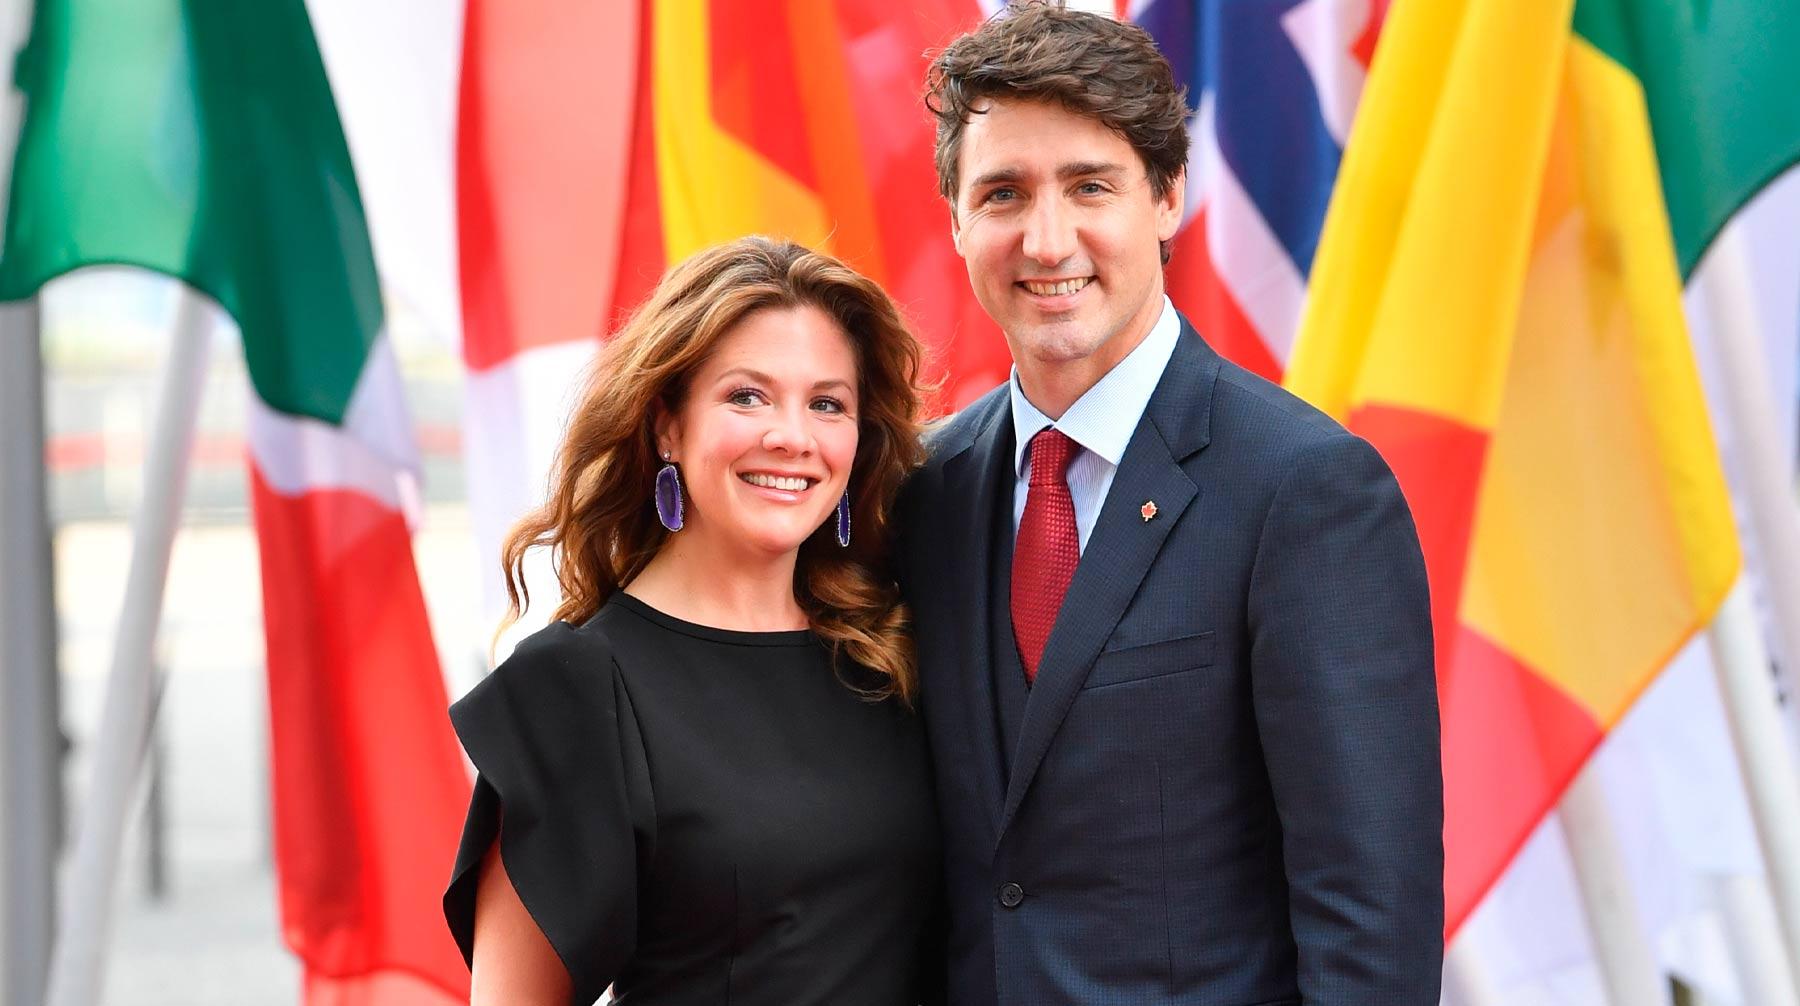 под все любят премьер министра канады фото кованых